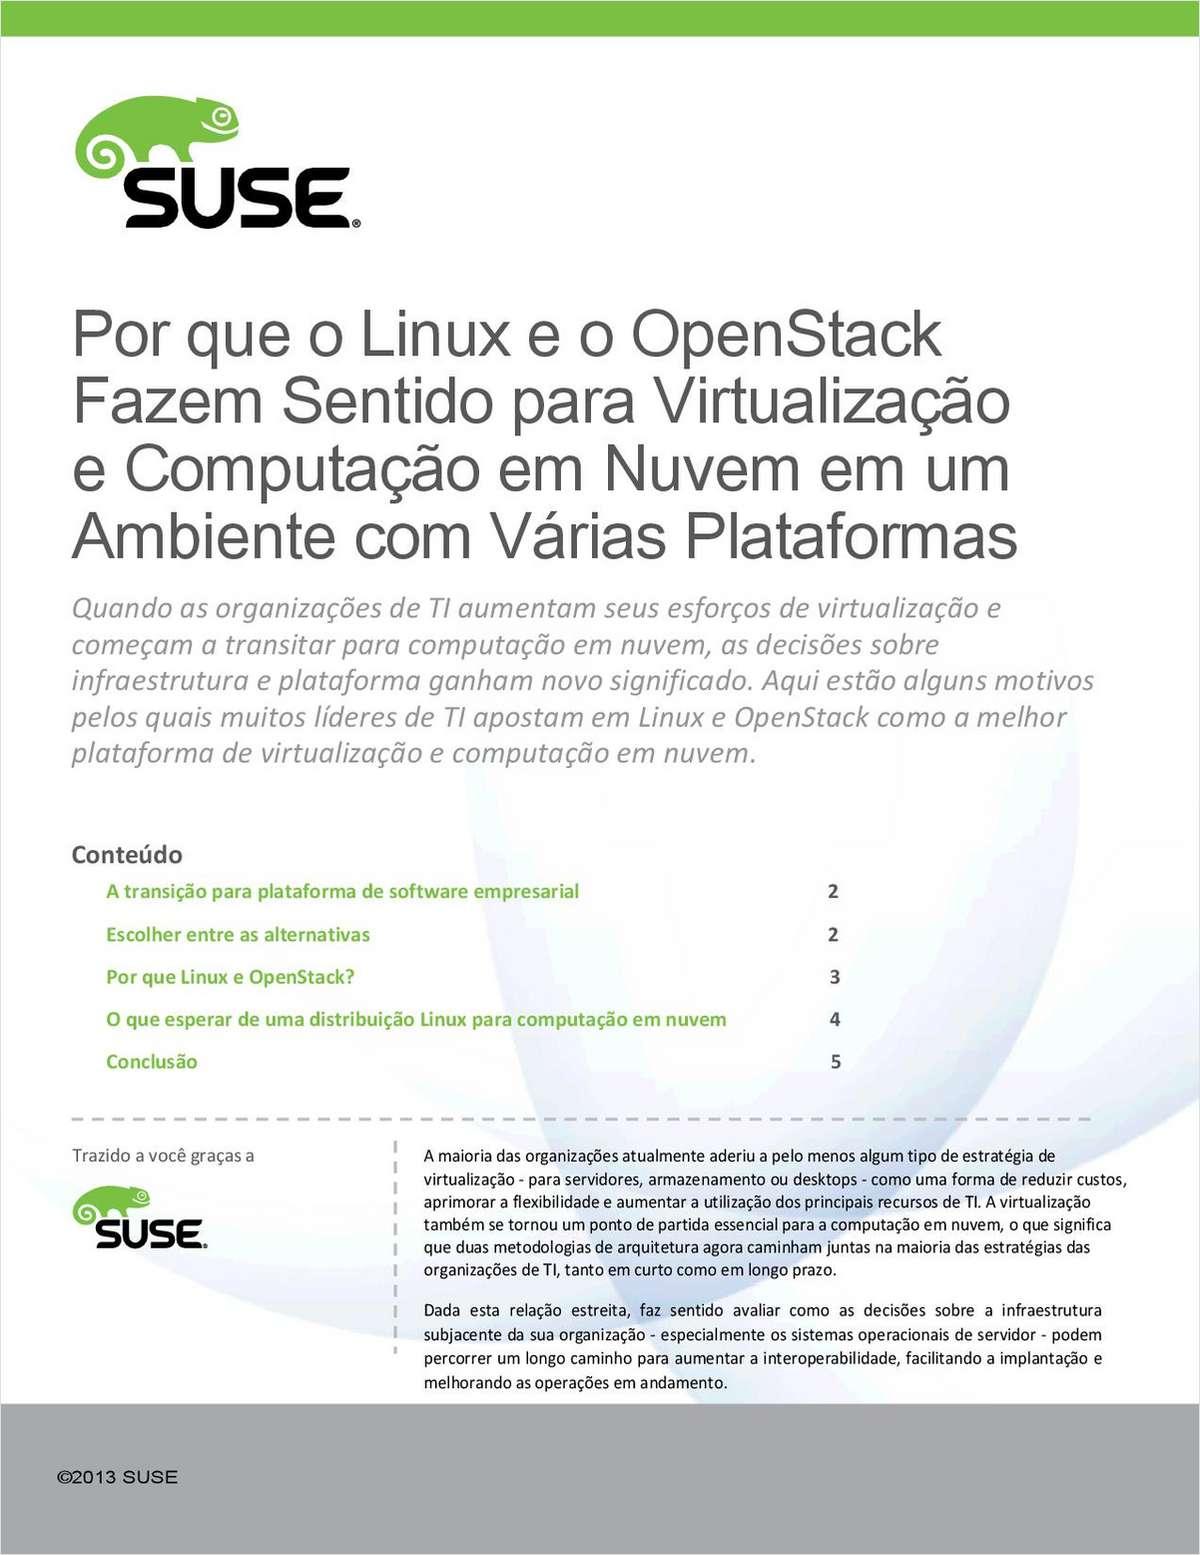 Linux & OpenStack:  A Melhor Plataforma de Virtualização e Computação em Nuvem